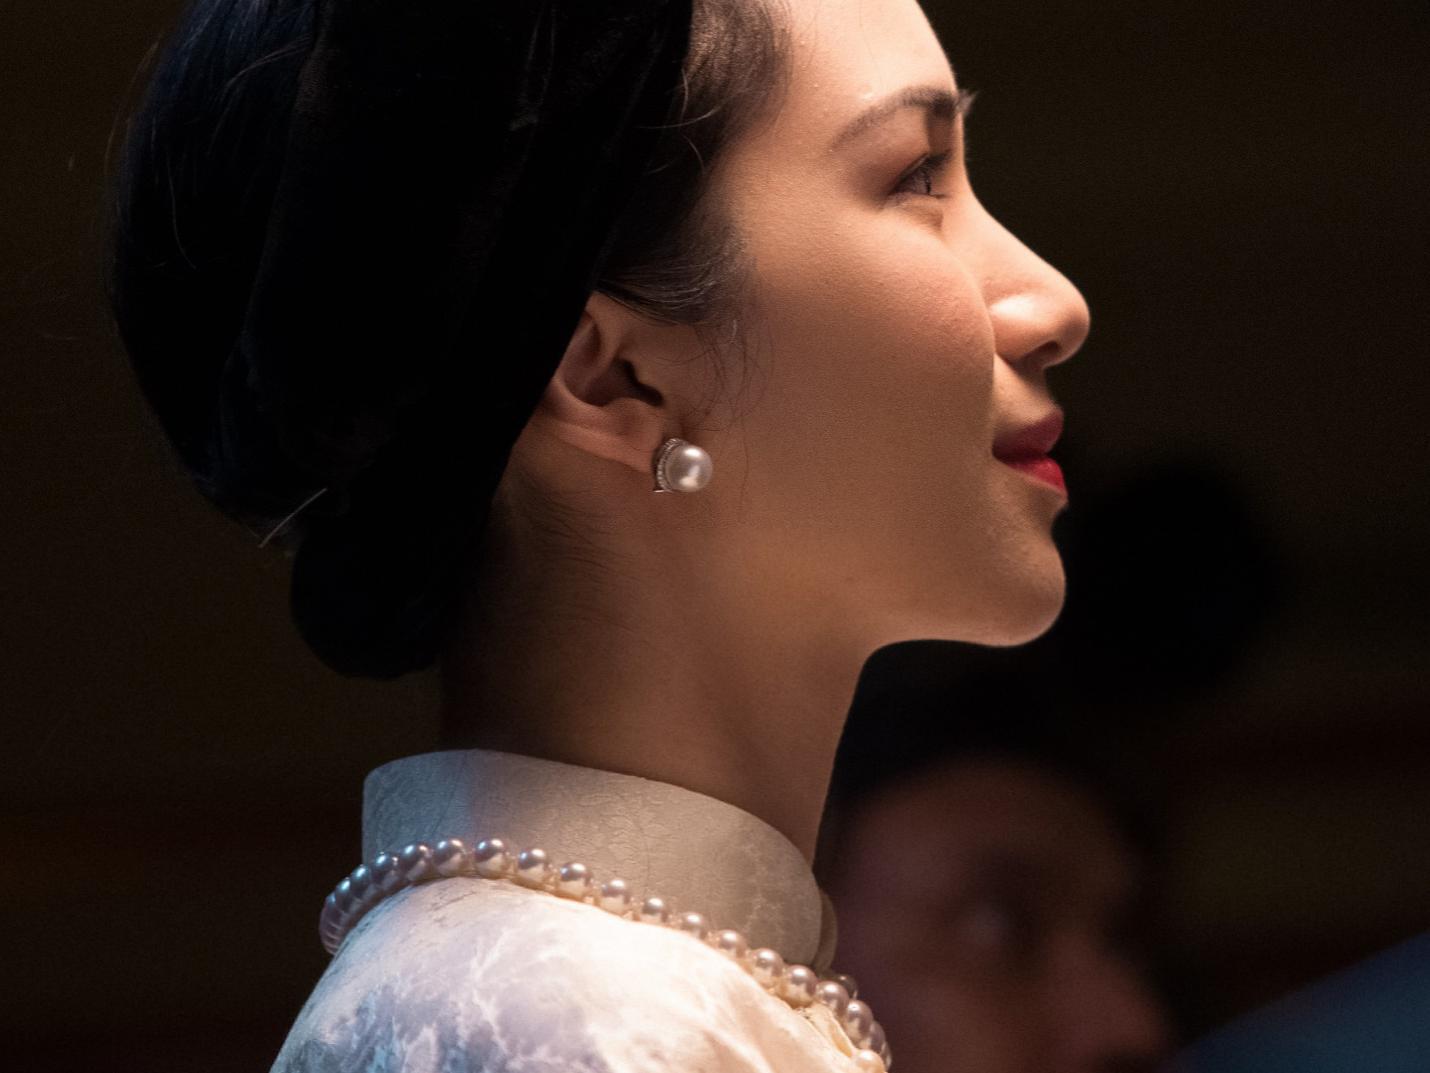 Hòa Minzy cùng PNJ tái hiện hình ảnh Nam Phương Hoàng Hậu trong MV mới - Ảnh 3.